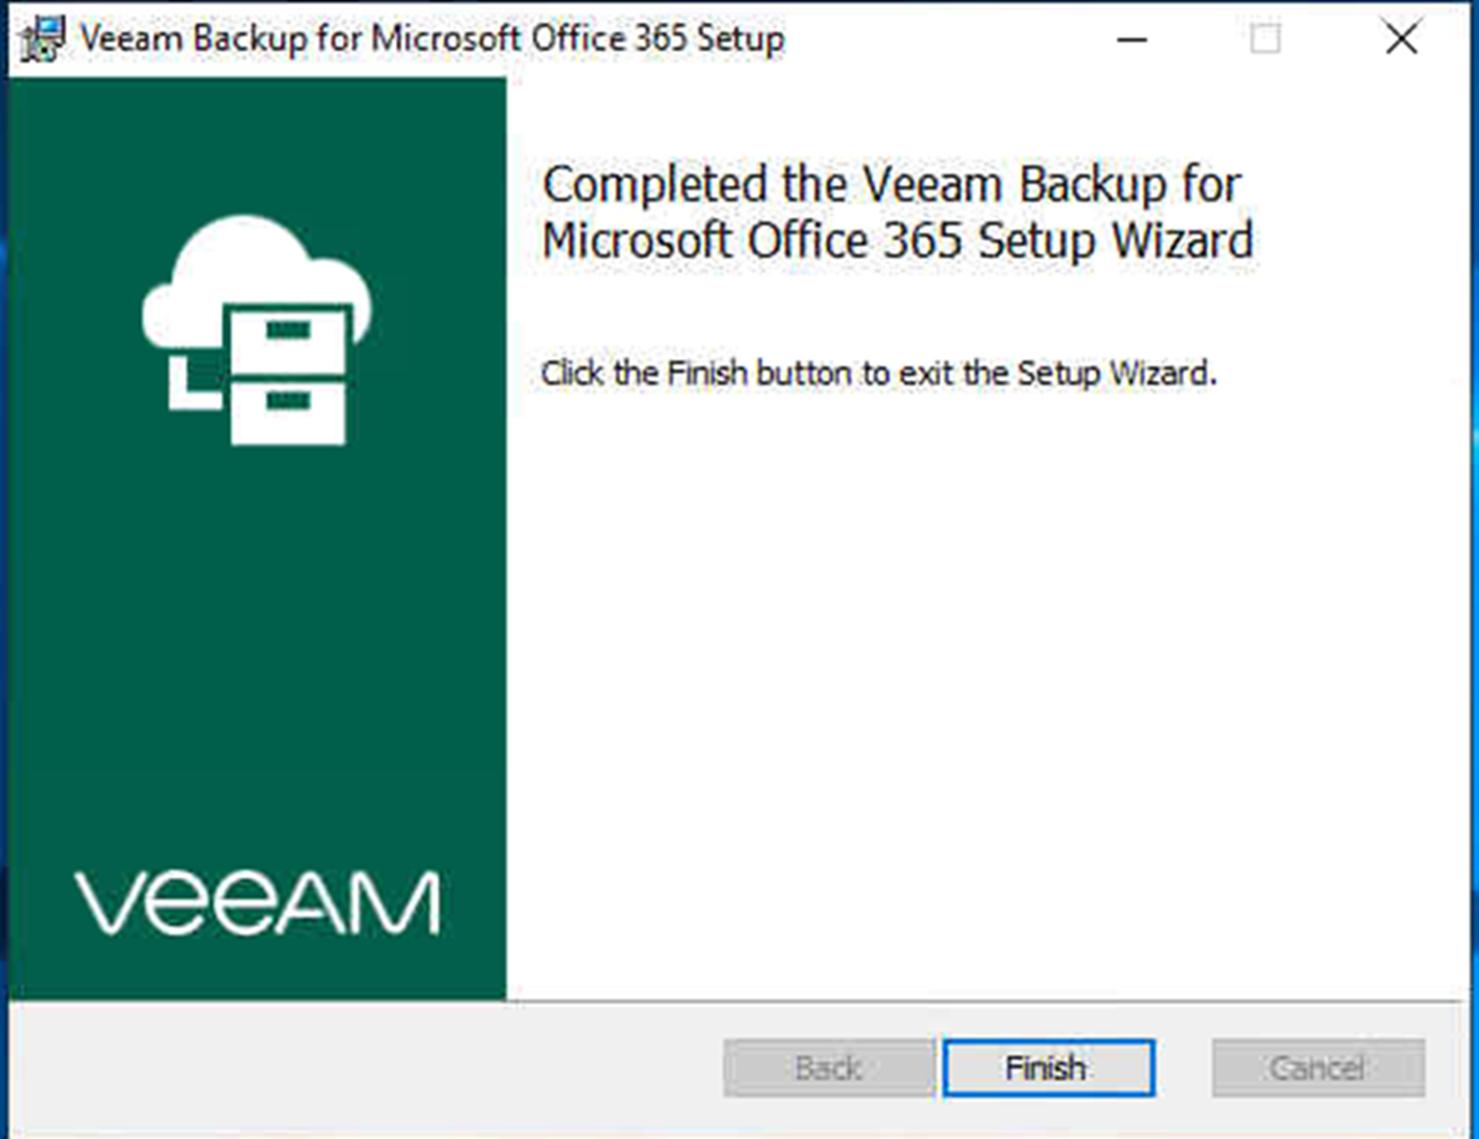 041019 0233 HowtoInstal8 - How to Install Veeam Backup for Microsoft Office 365 V3 #Veeam #MVPHOUR #Office365